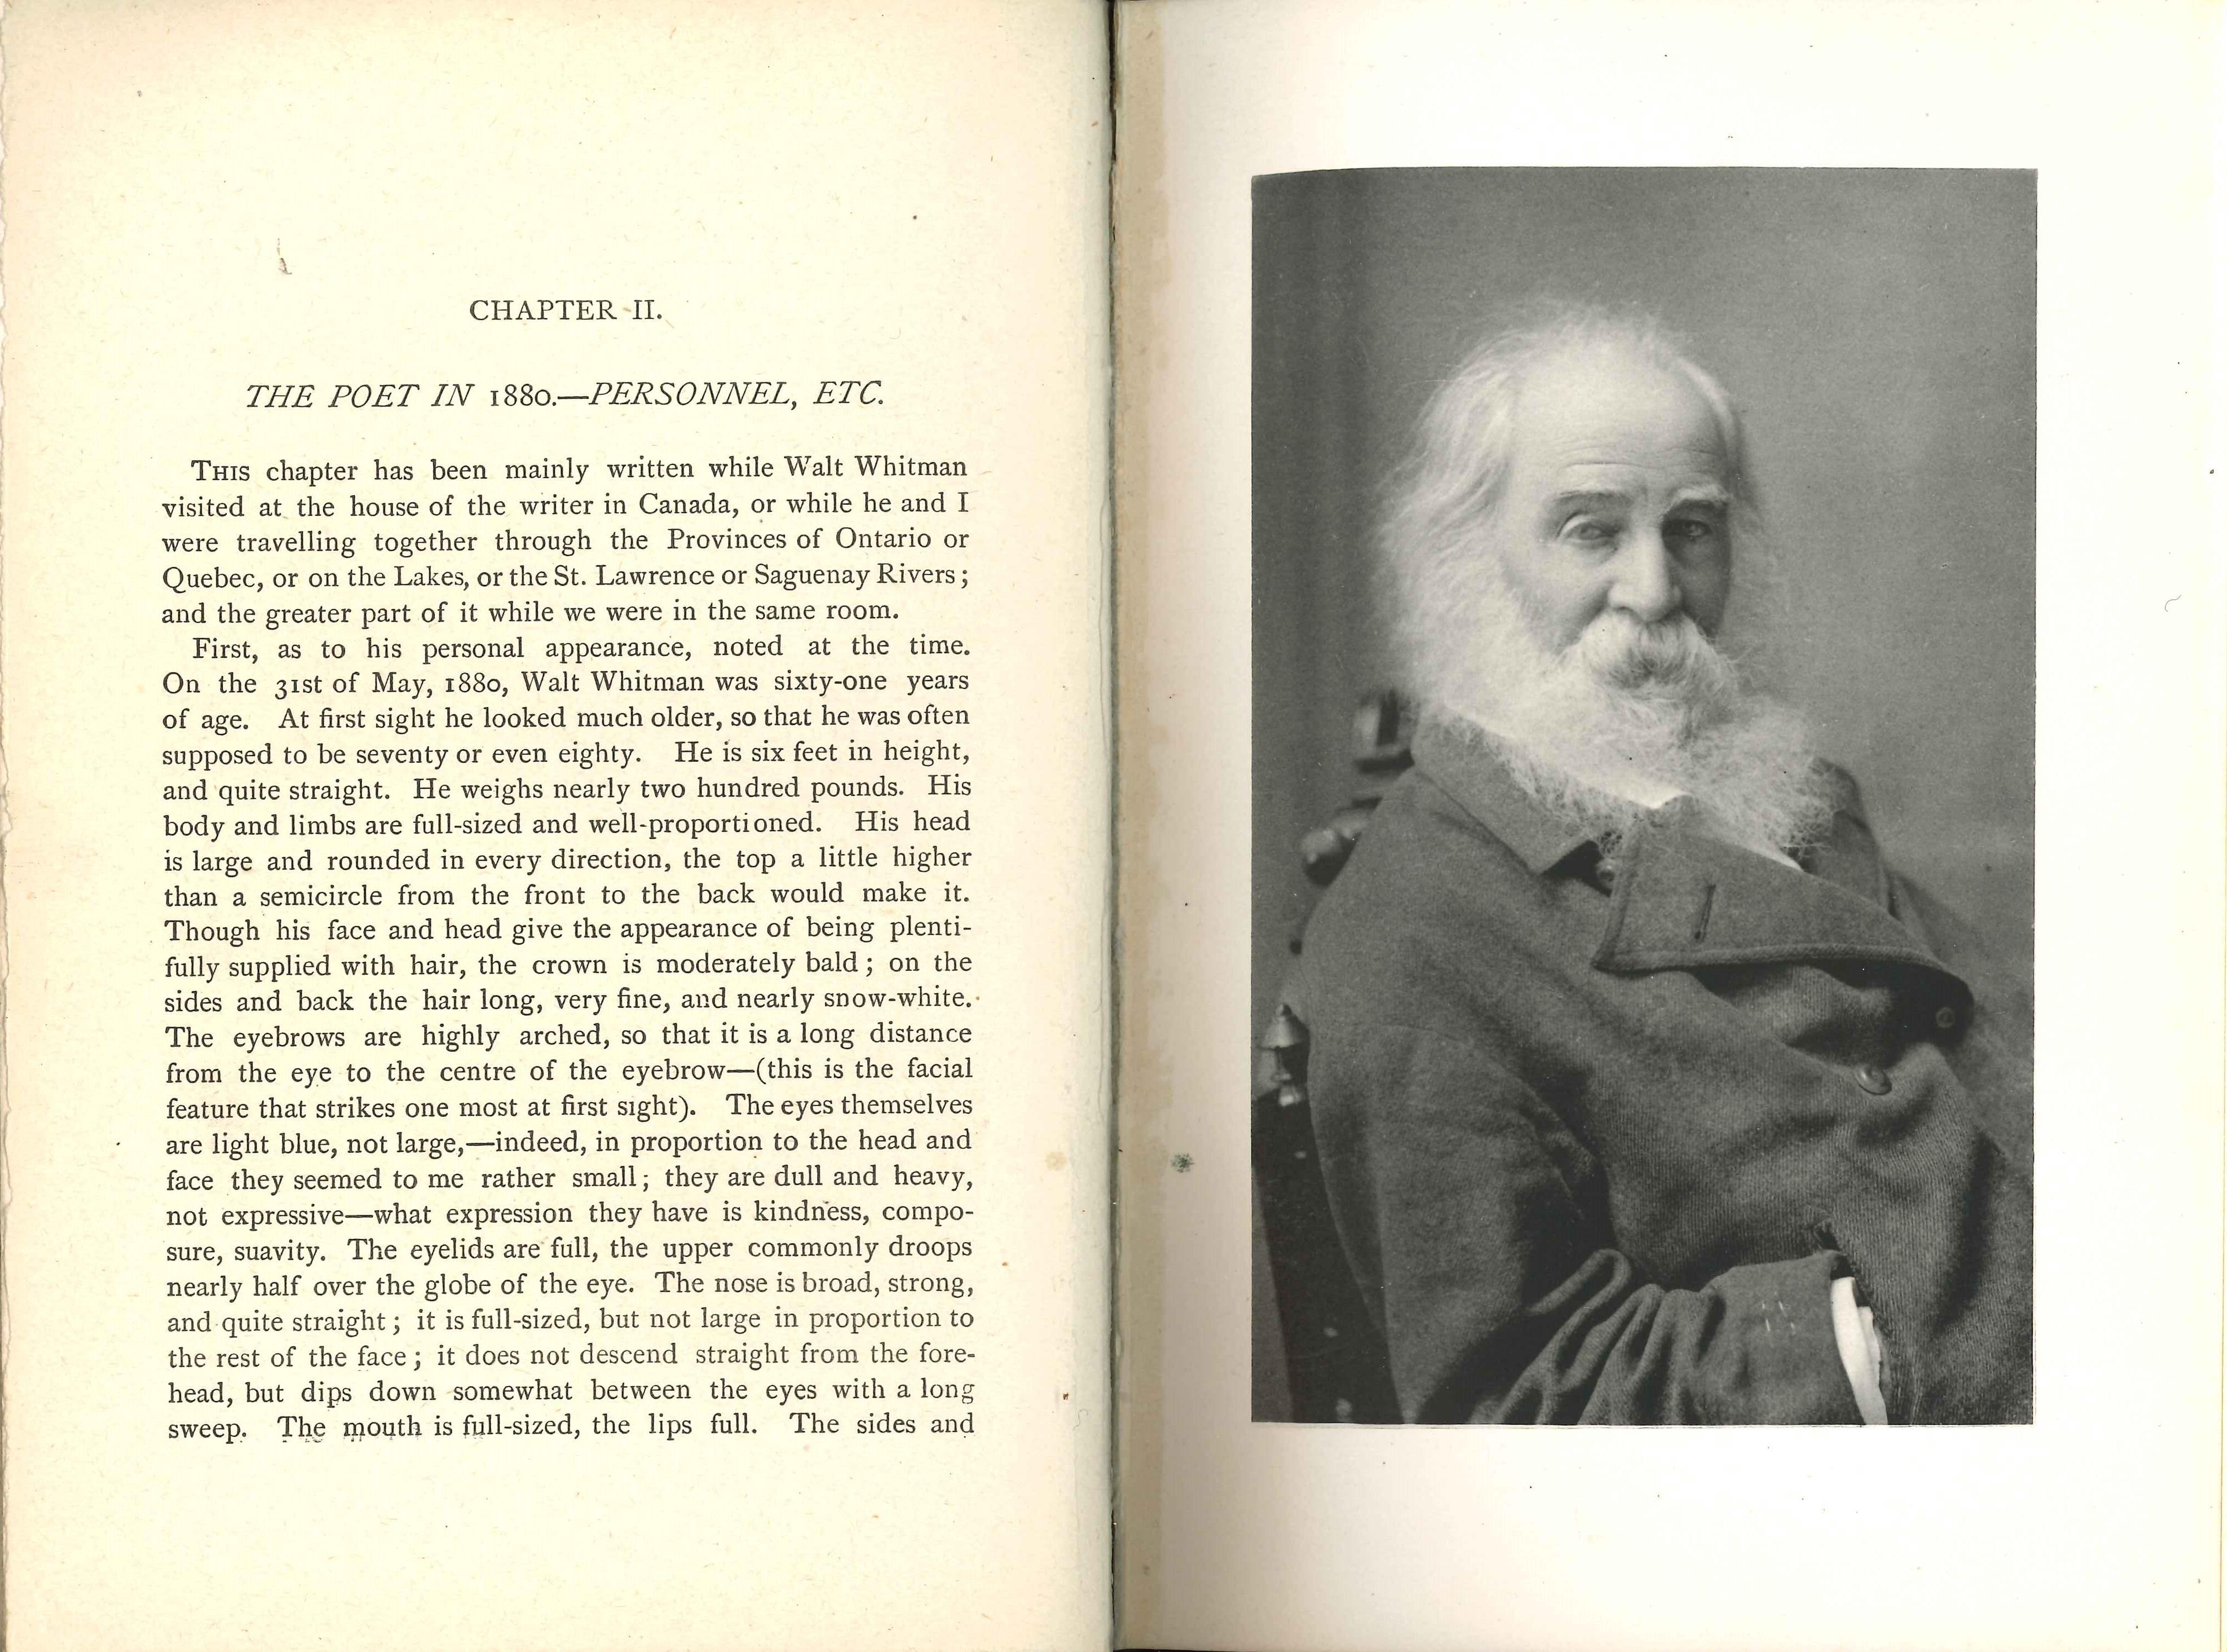 Richard Maurice Bucke. Walt Whitman. Philadelphia: David McKay, 1883.